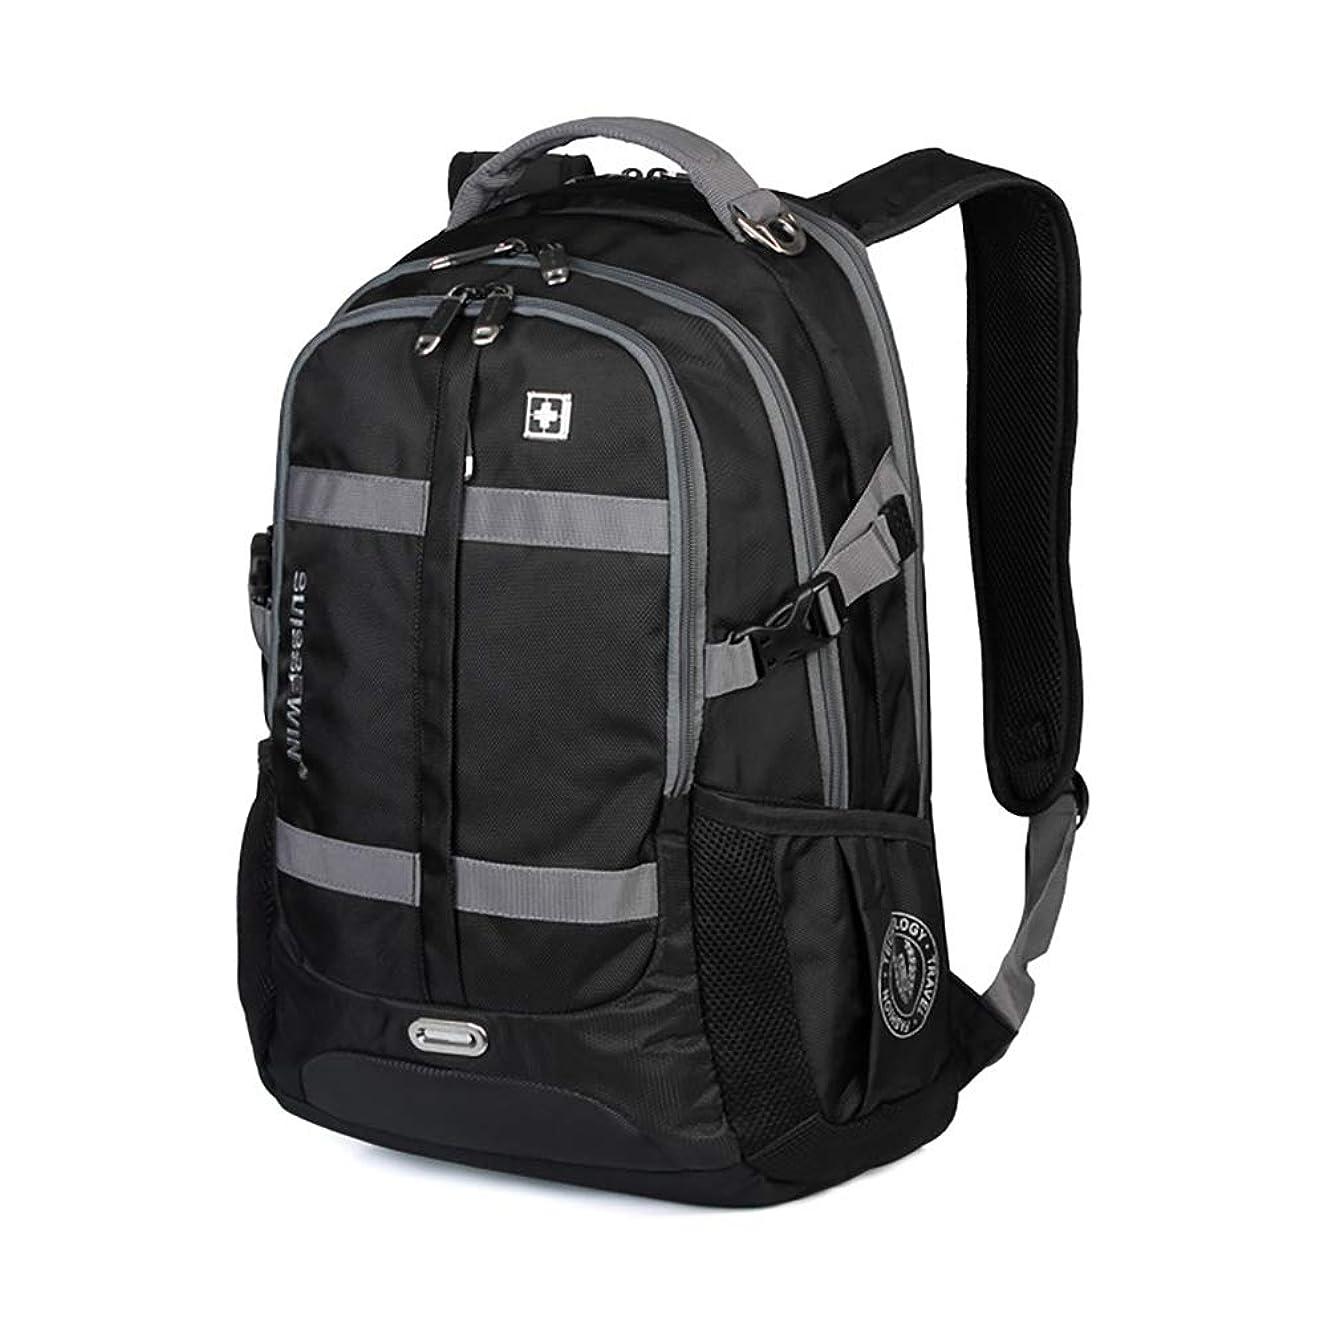 従事したパプアニューギニアラッドヤードキップリングSWISSWIN リュックサック メンズ ビジネスバッグ 大容量 通勤 通学 2色 SW8350